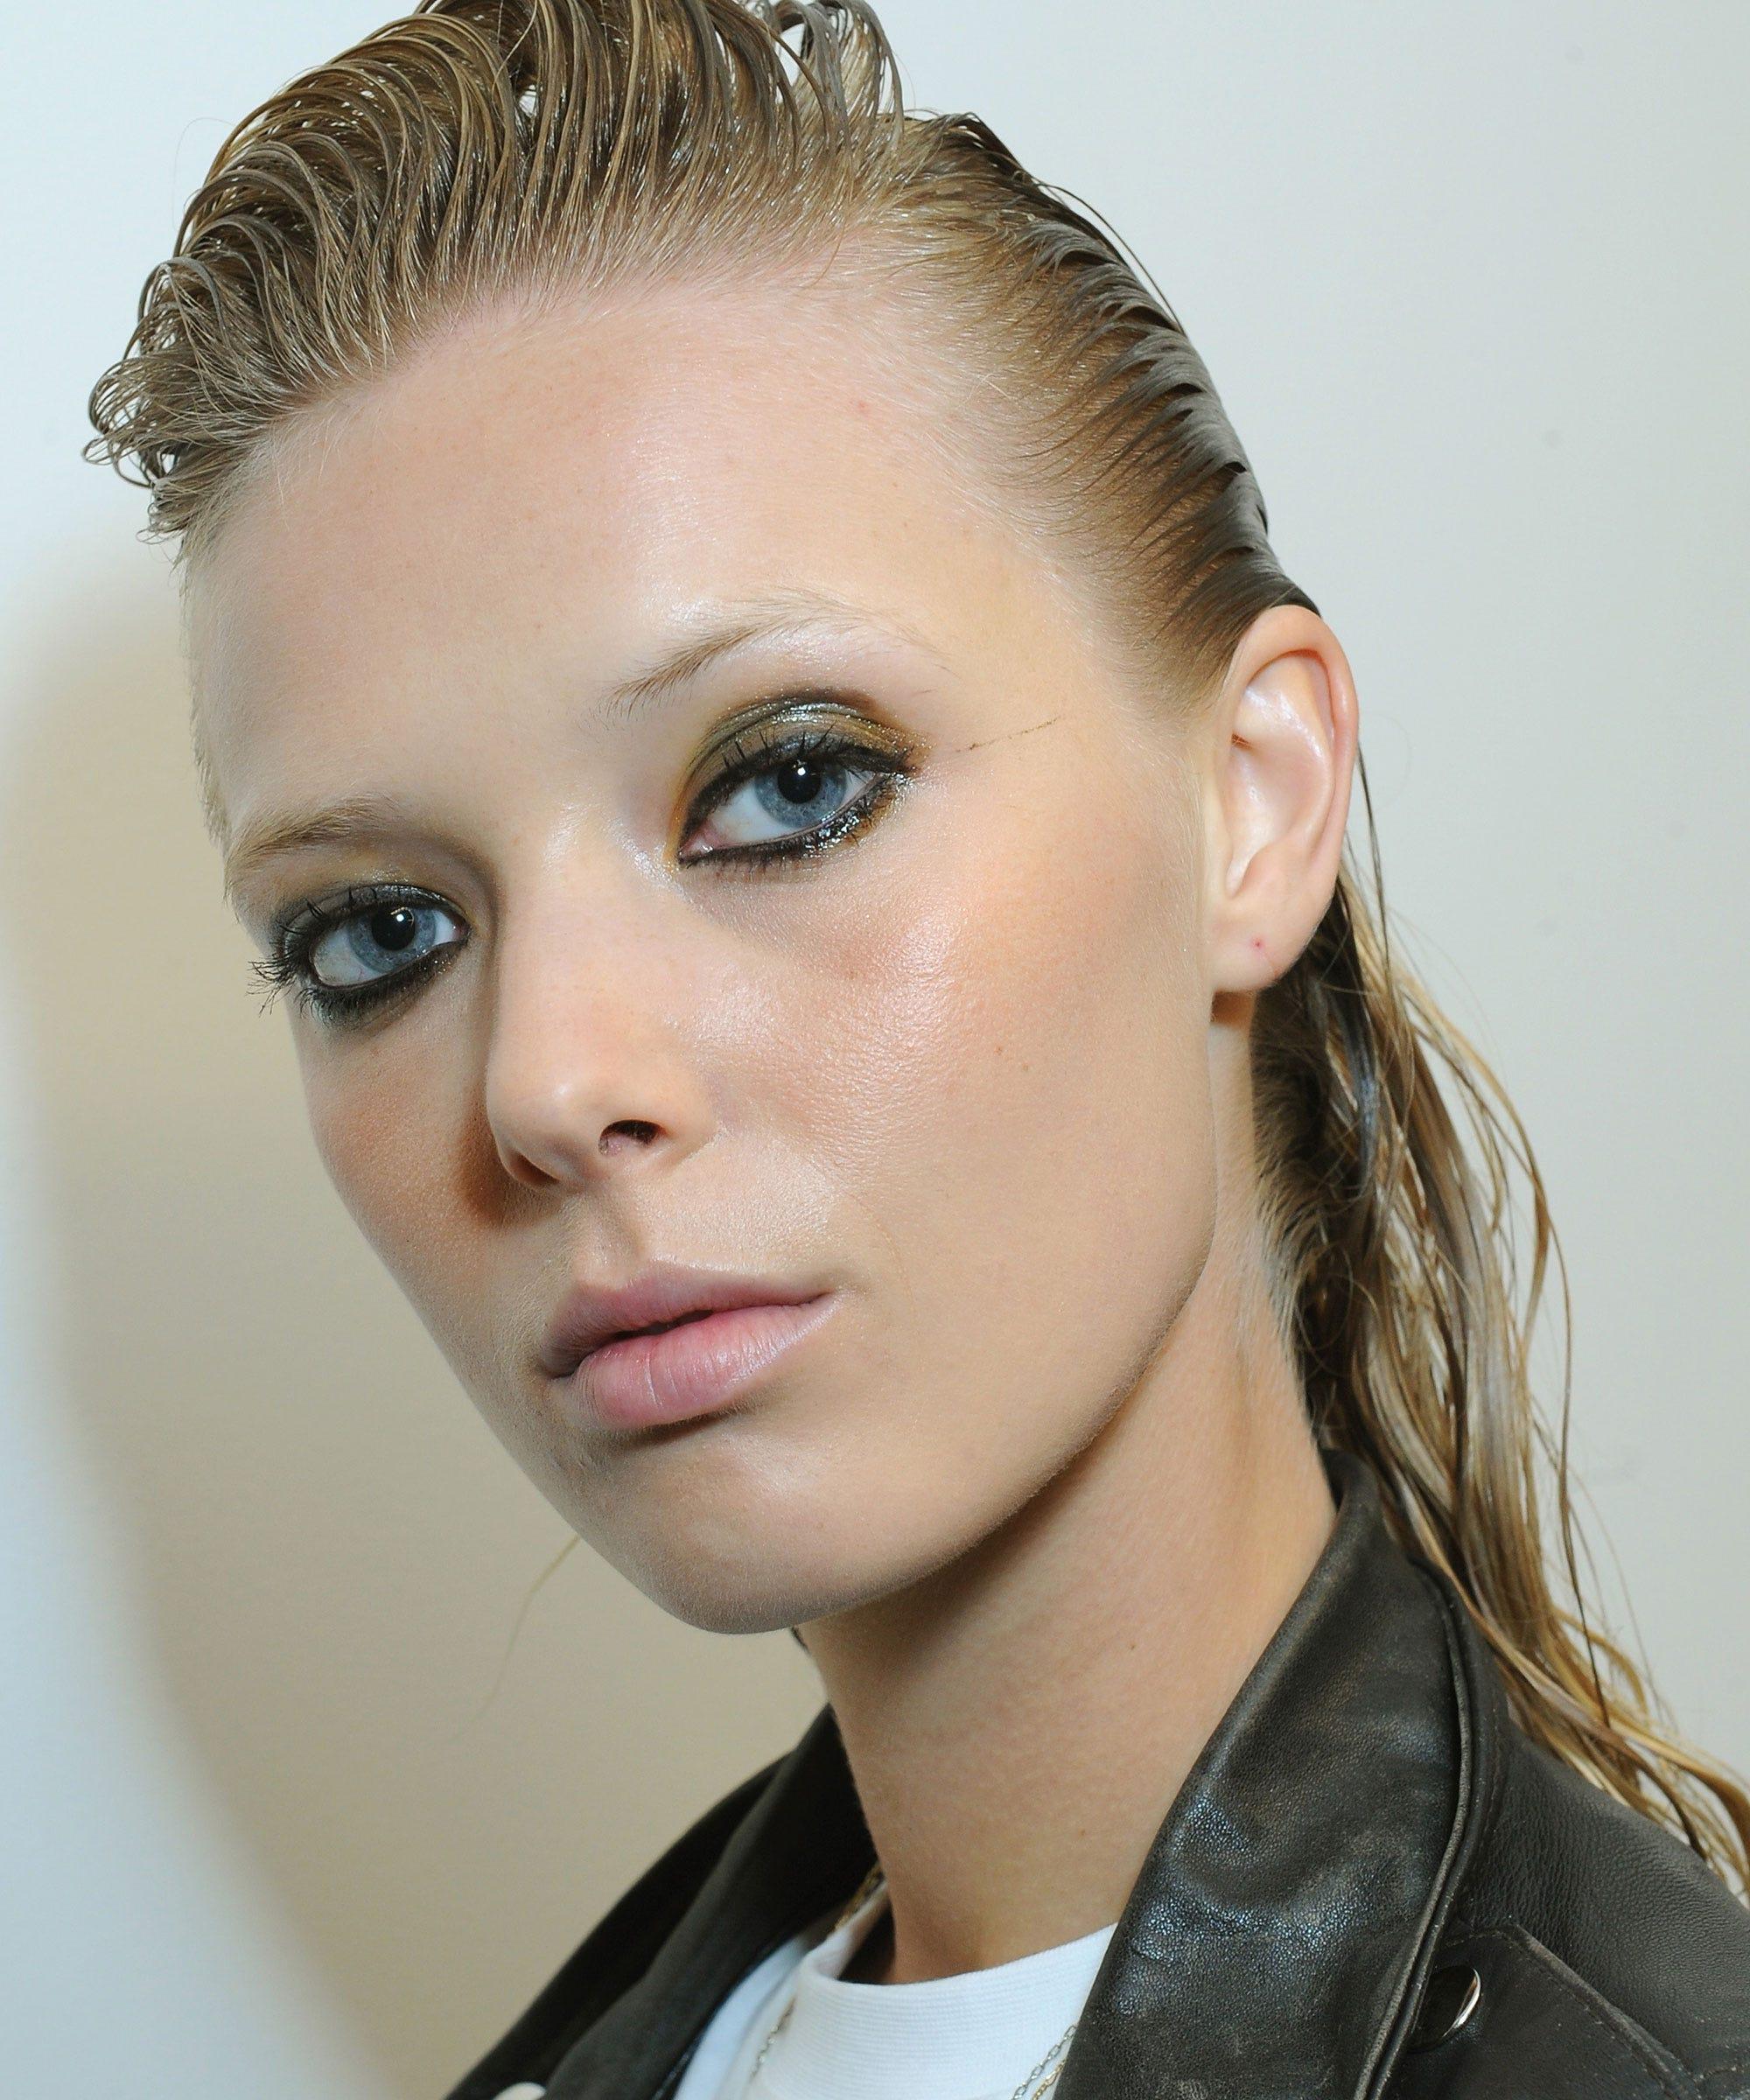 MAC Eyes Milk for FashionWeek forecast